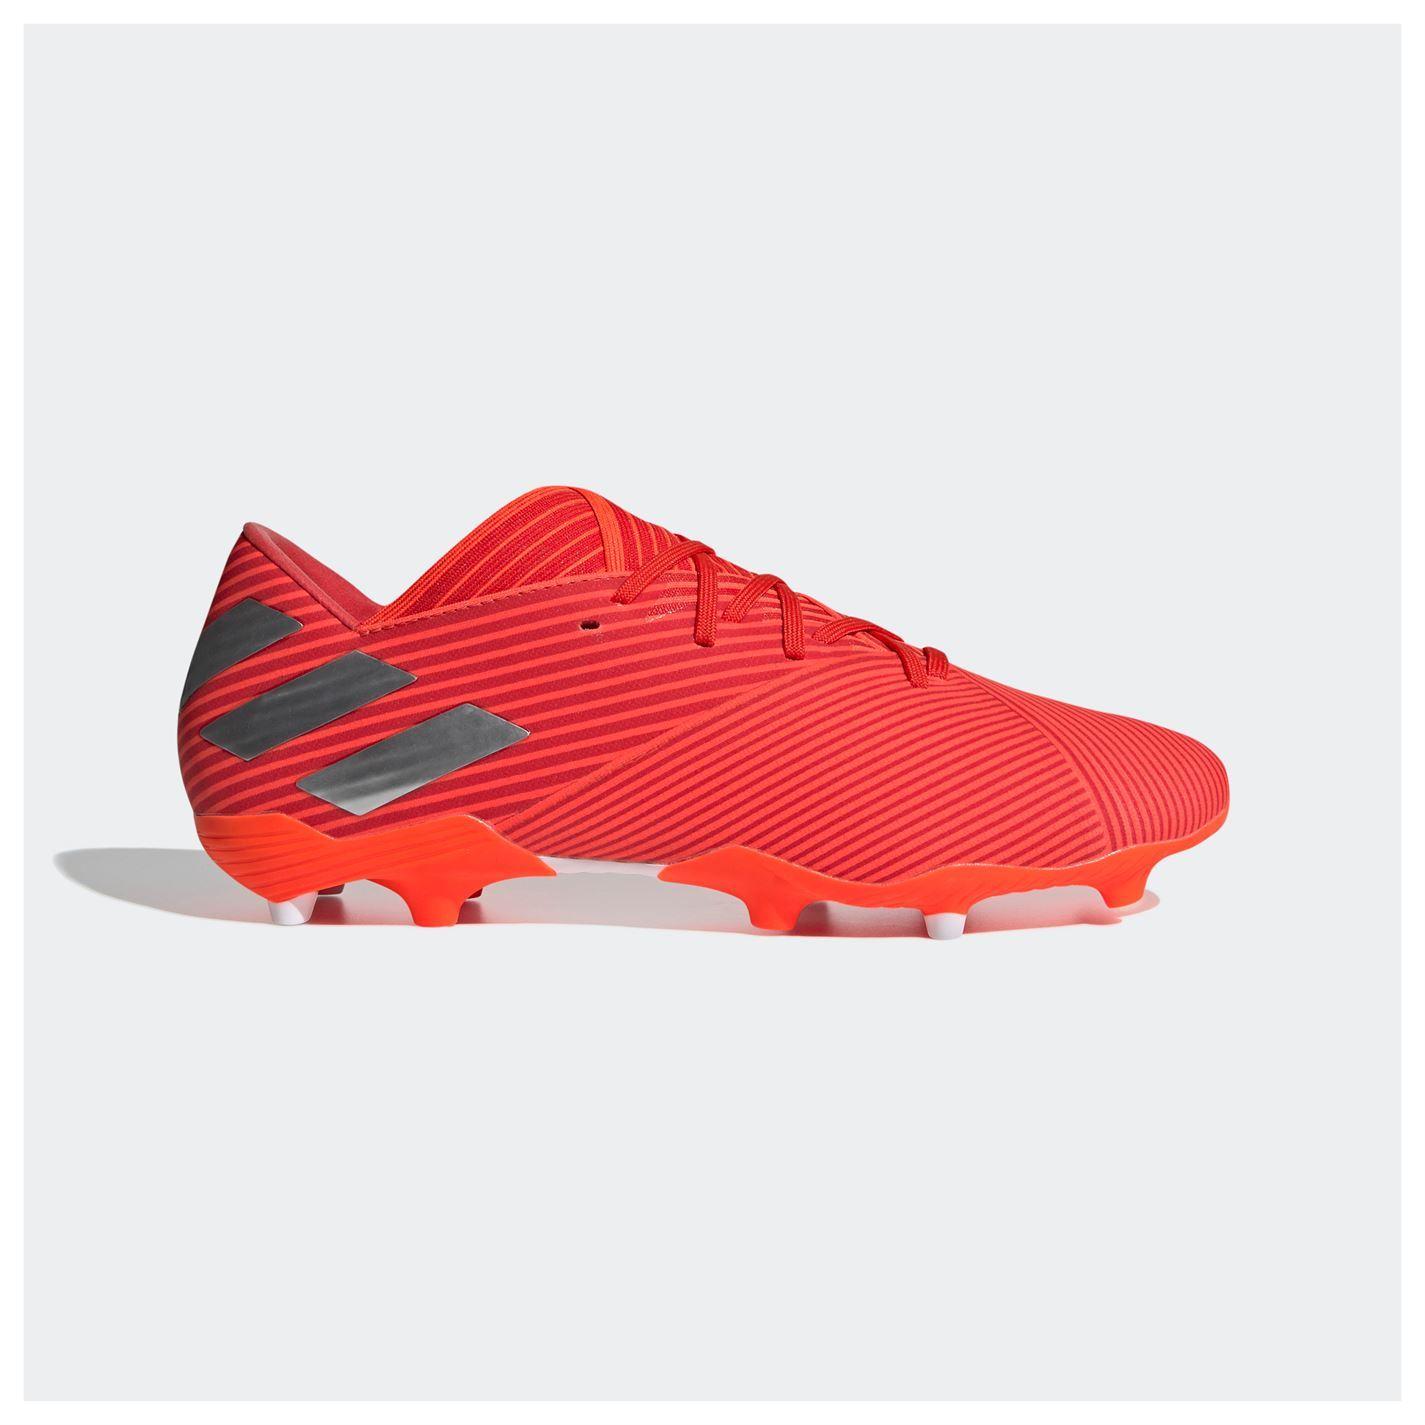 Adidas-nemeziz-19-2-Firm-Ground-FG-Chaussures-De-Football-Hommes-Soccer-Crampons-Chaussures miniature 18